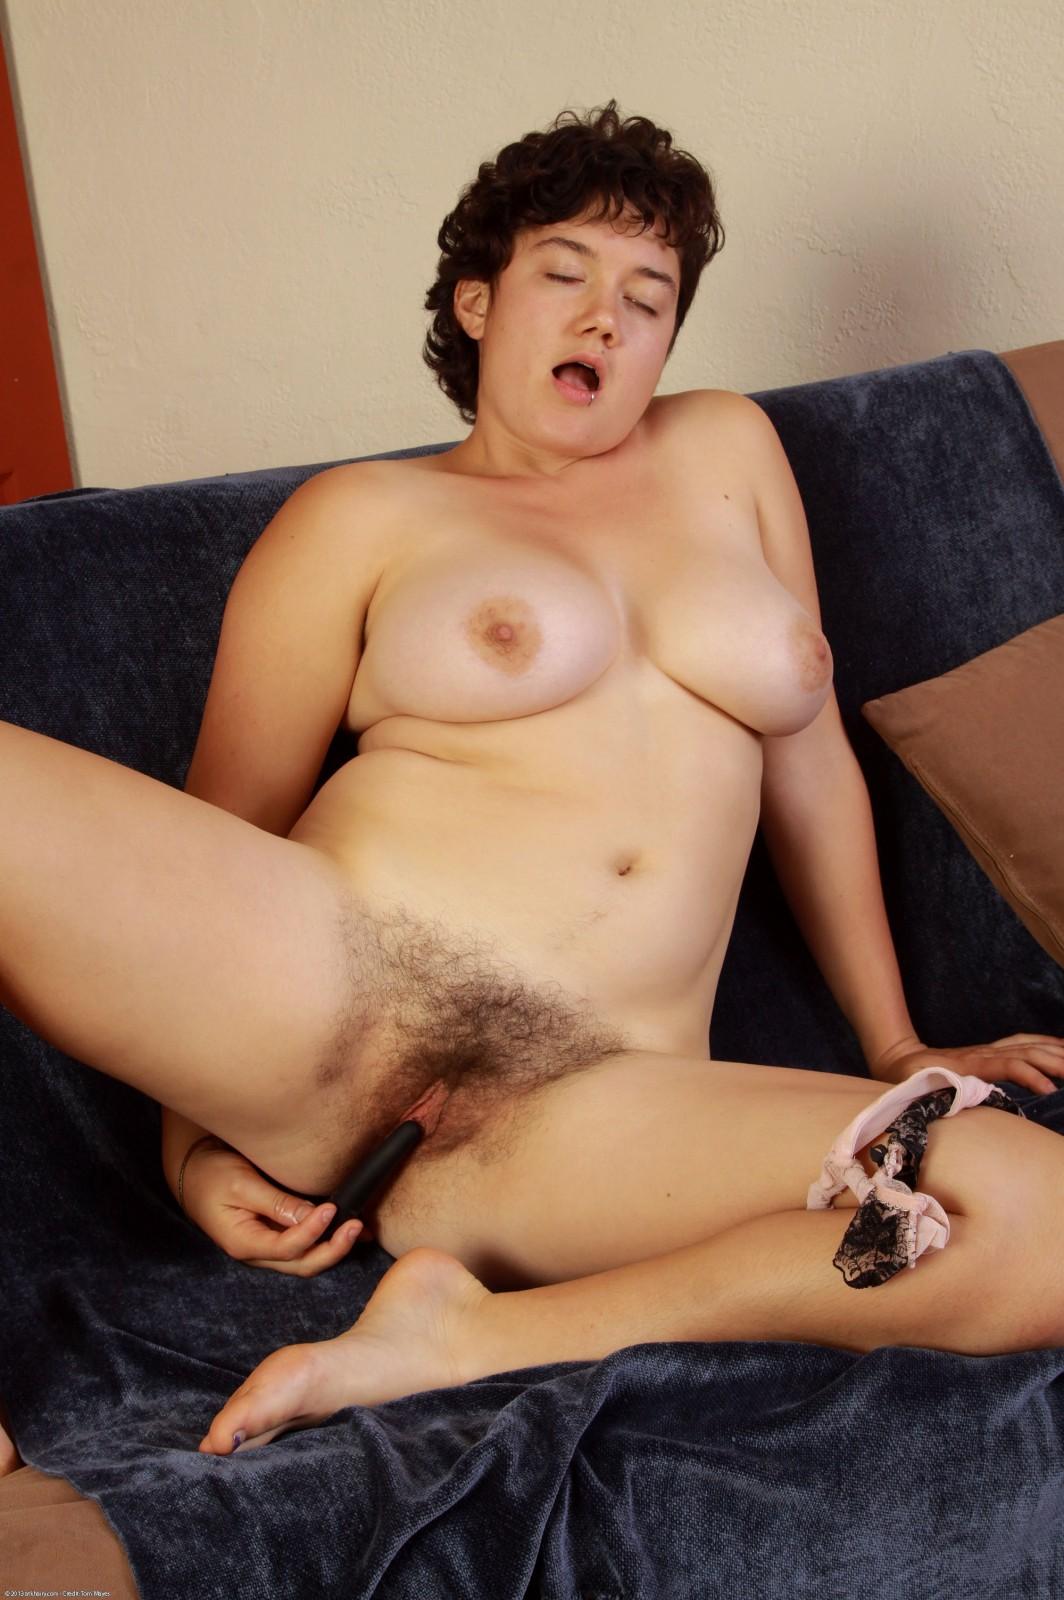 katrina orgasm with nude